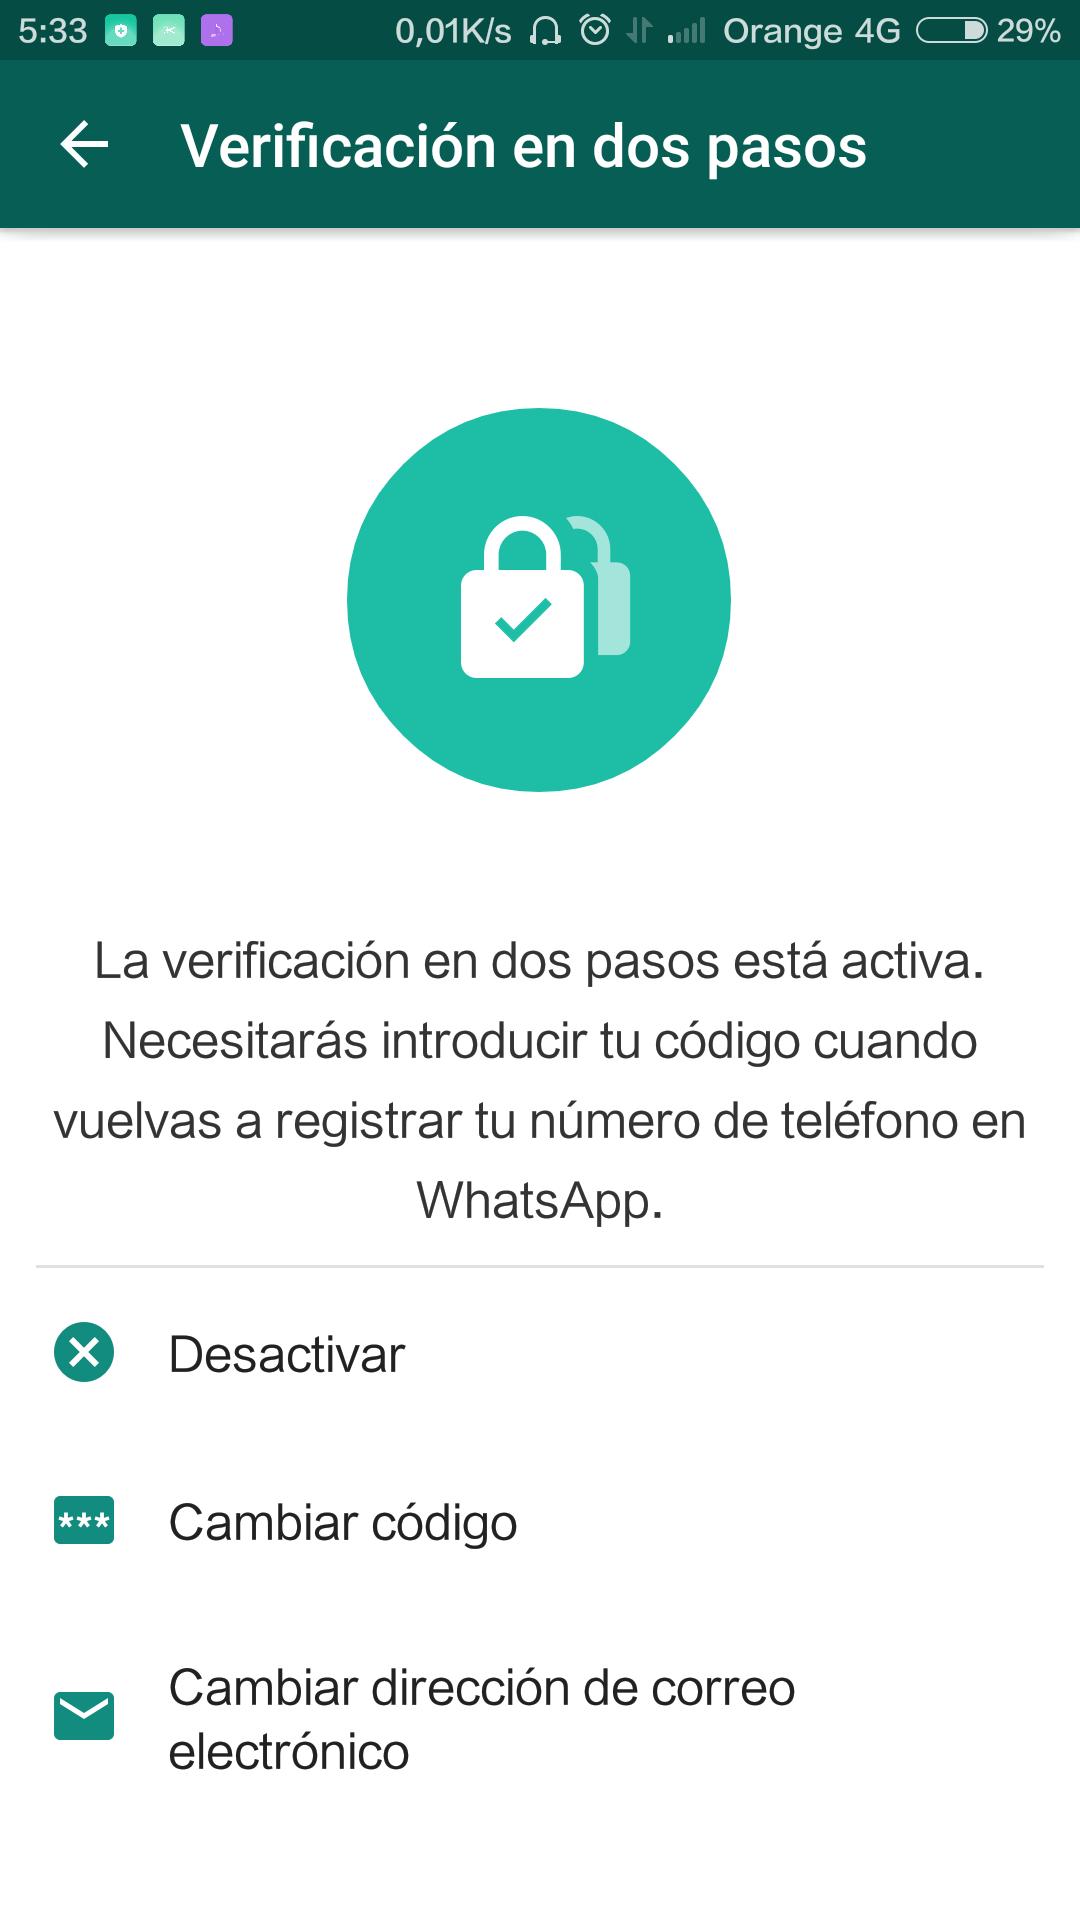 verificacion-en-dos-pasos-de-whatsapp-esta-activada